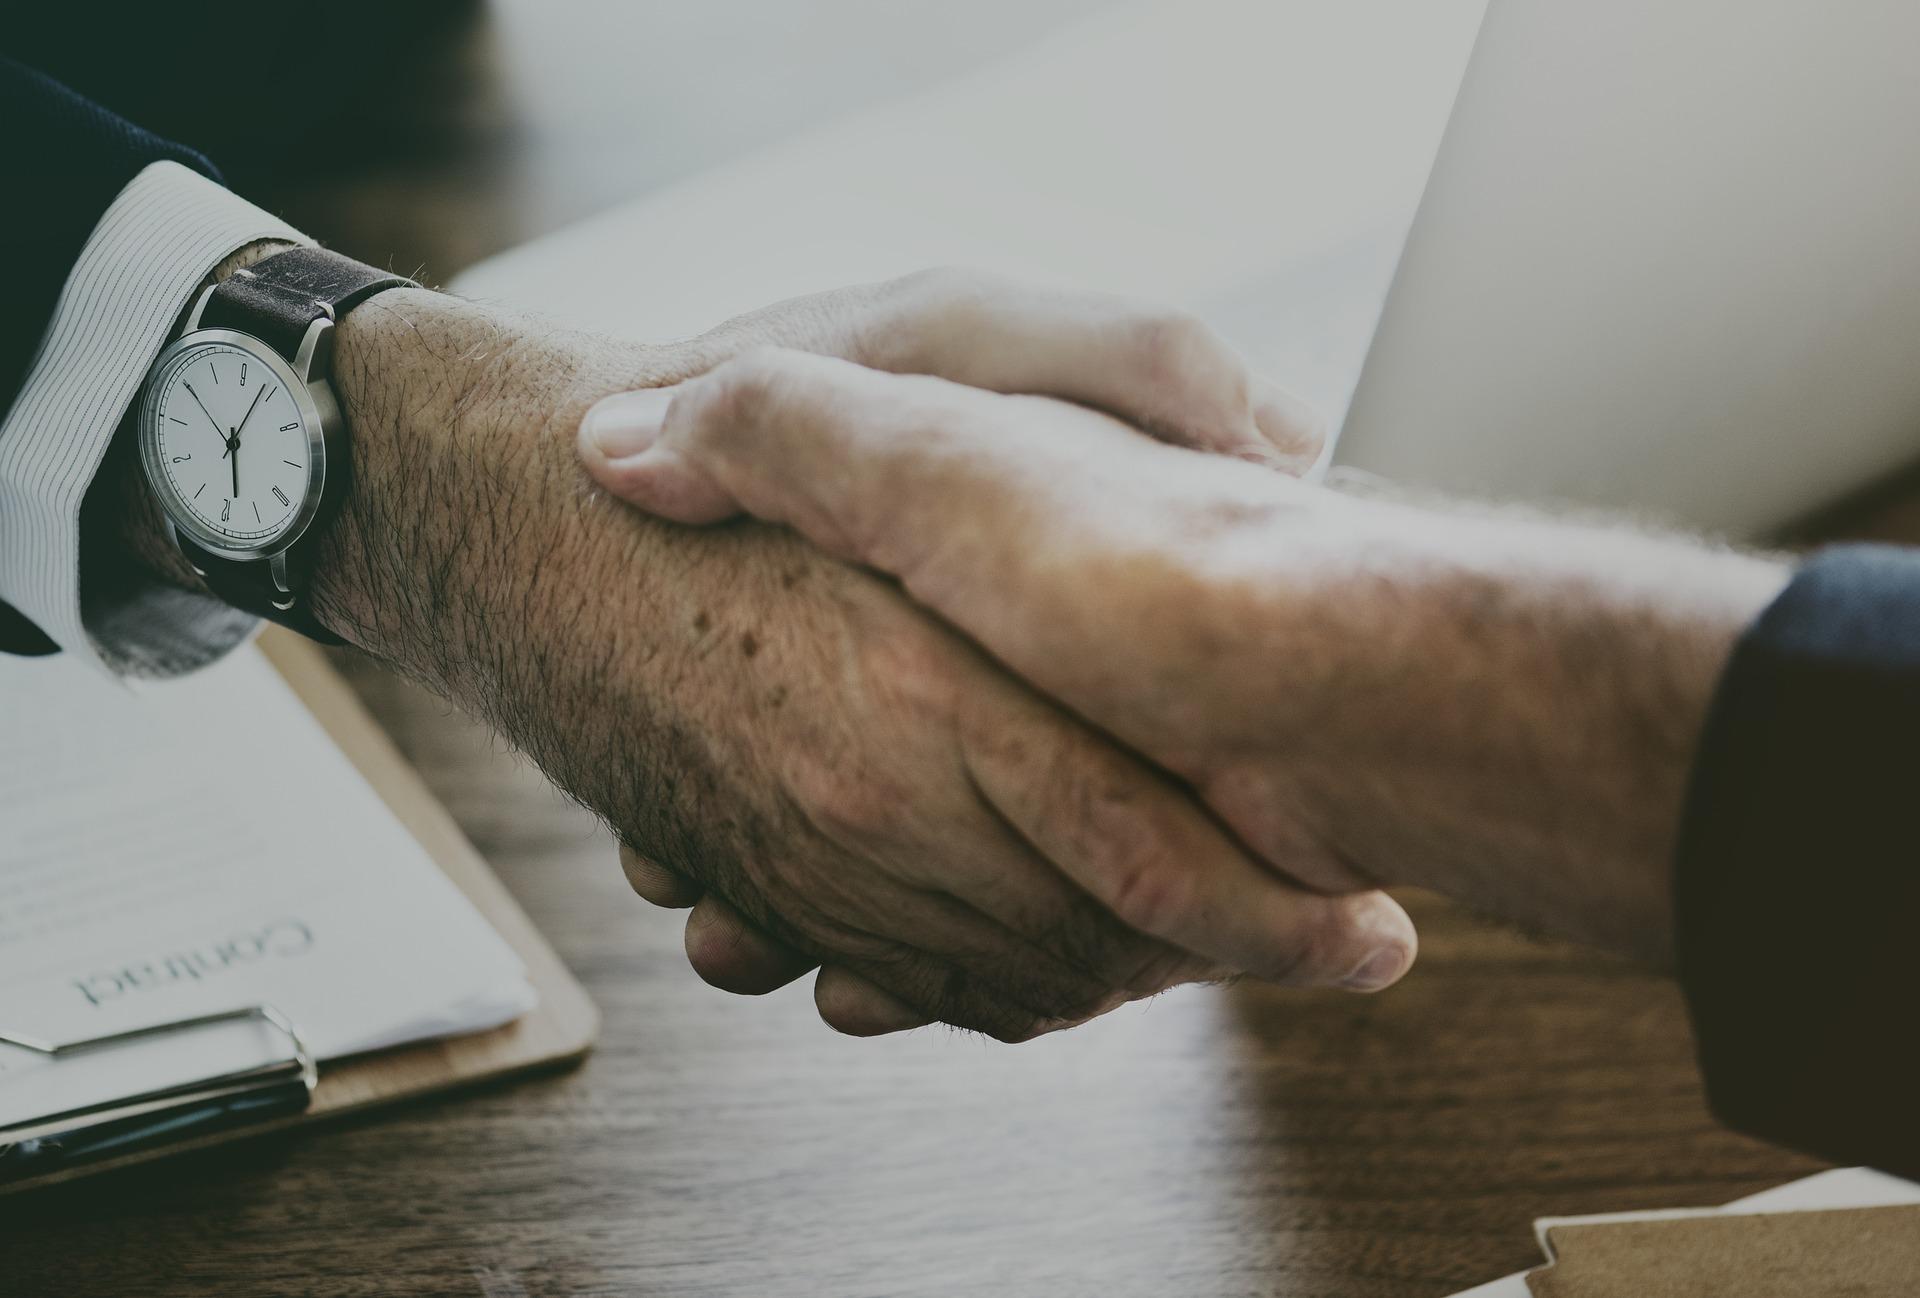 umowa o zachowaniu poufności